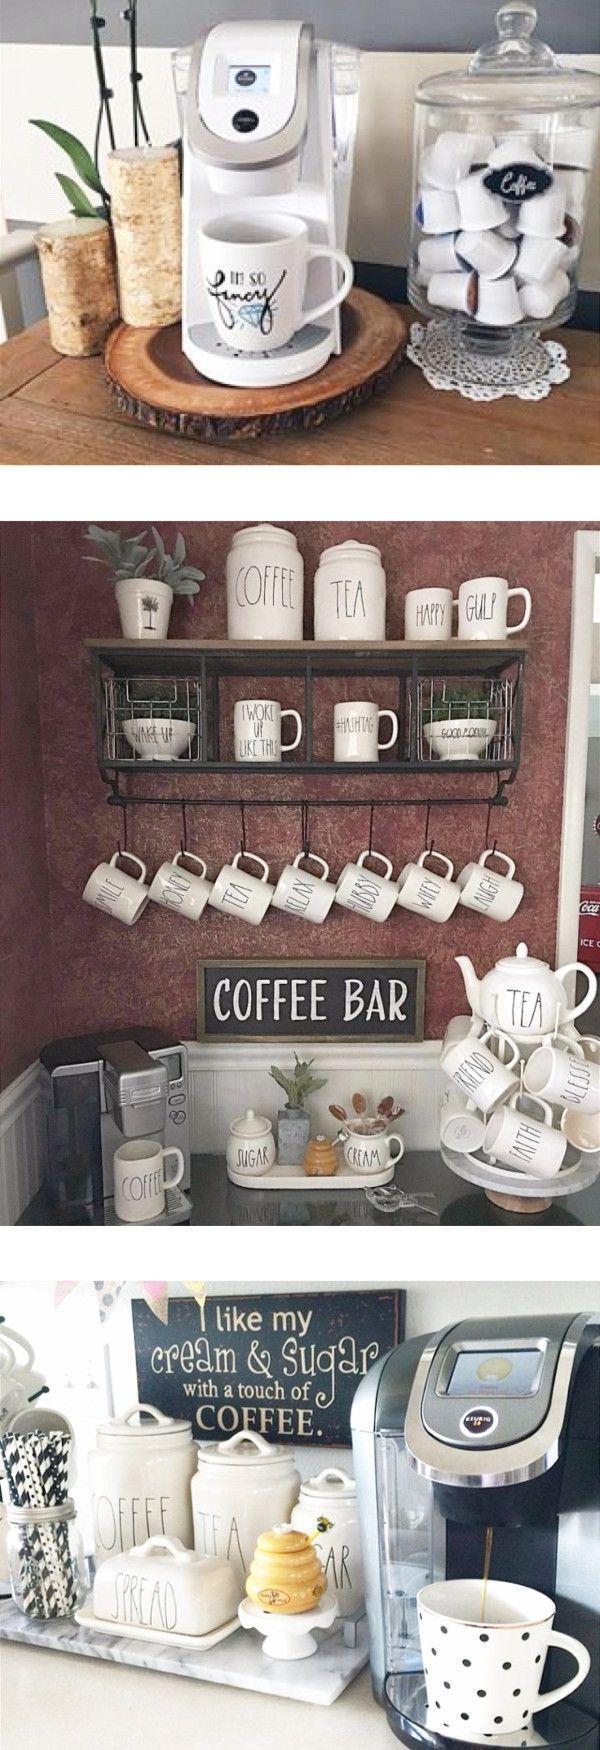 Top Tips For Brewing The Best Coffee Estaciones de café